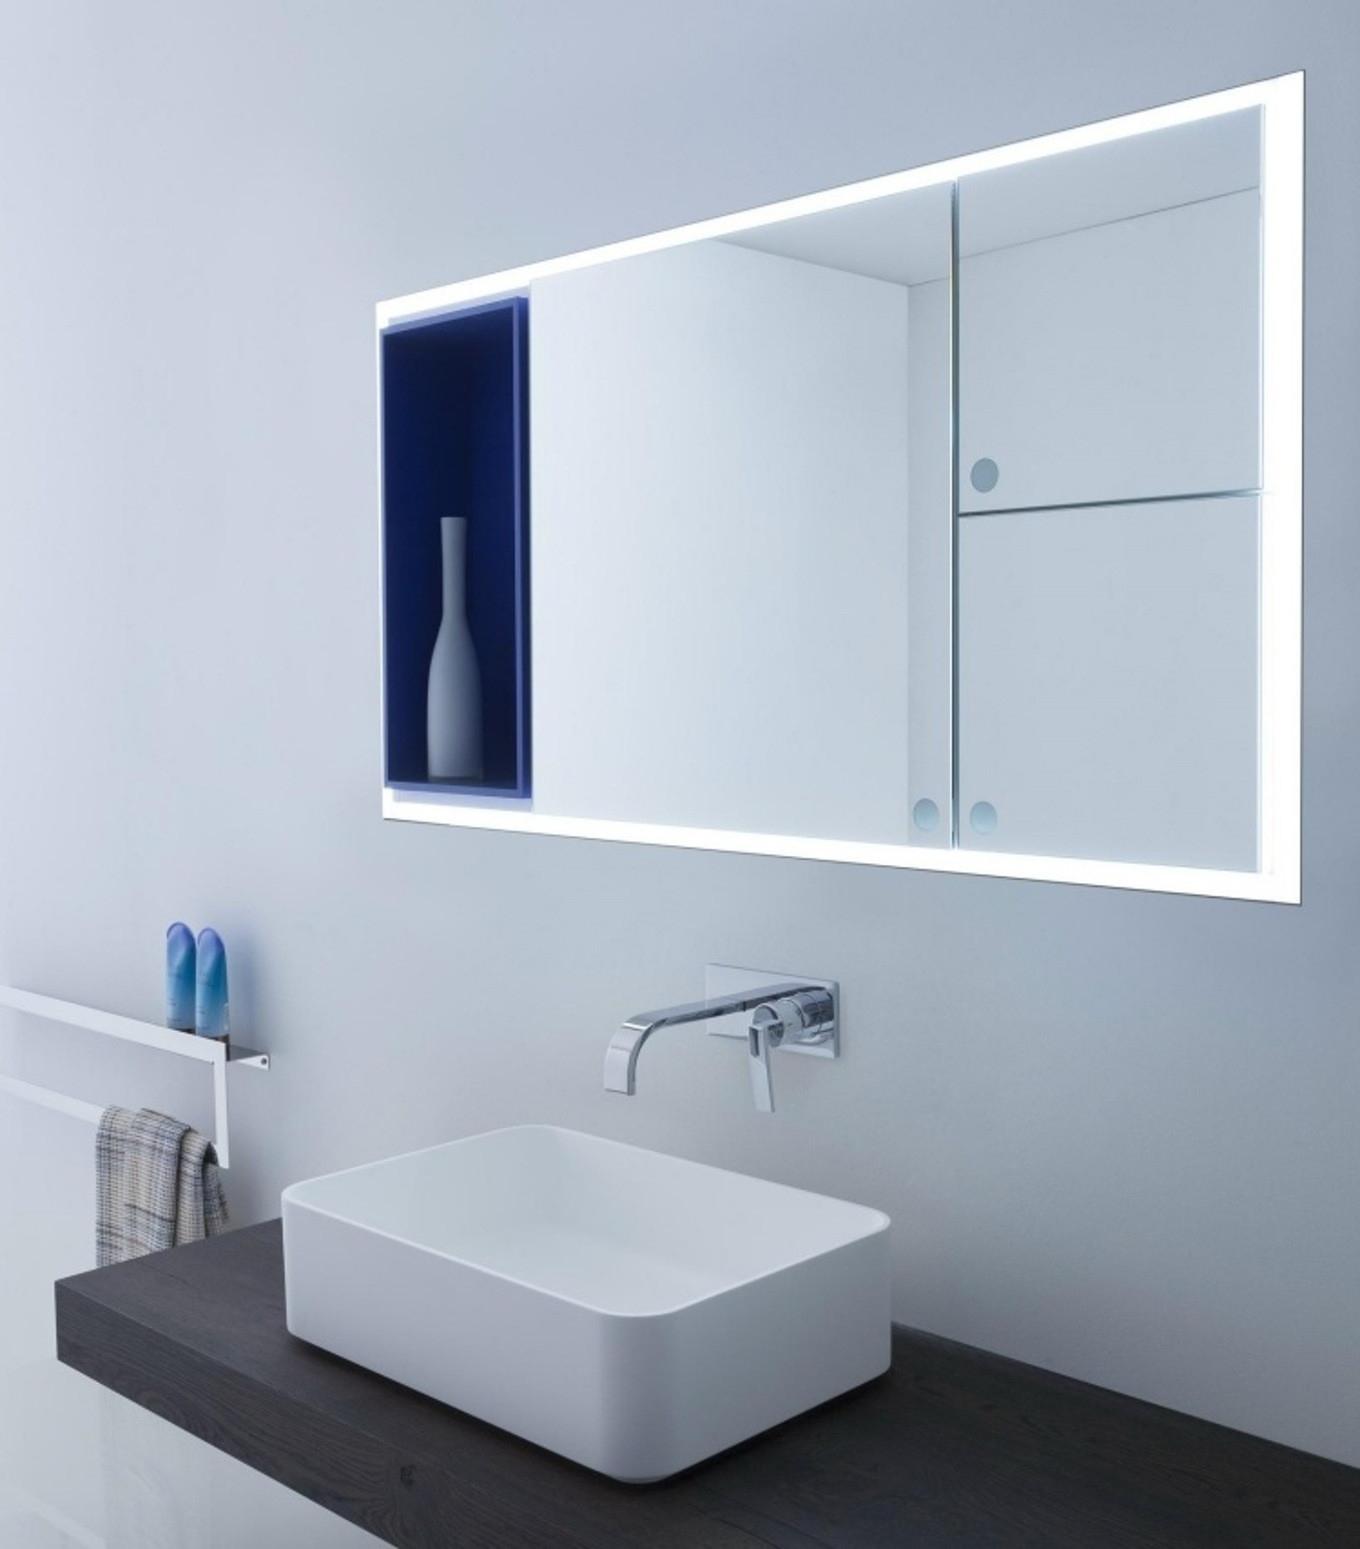 Ikea Miroir Lumineux Élégant Images Lumiere Miroir Salle De Bain De Luxe Luminaire Miroir élégant Miroir